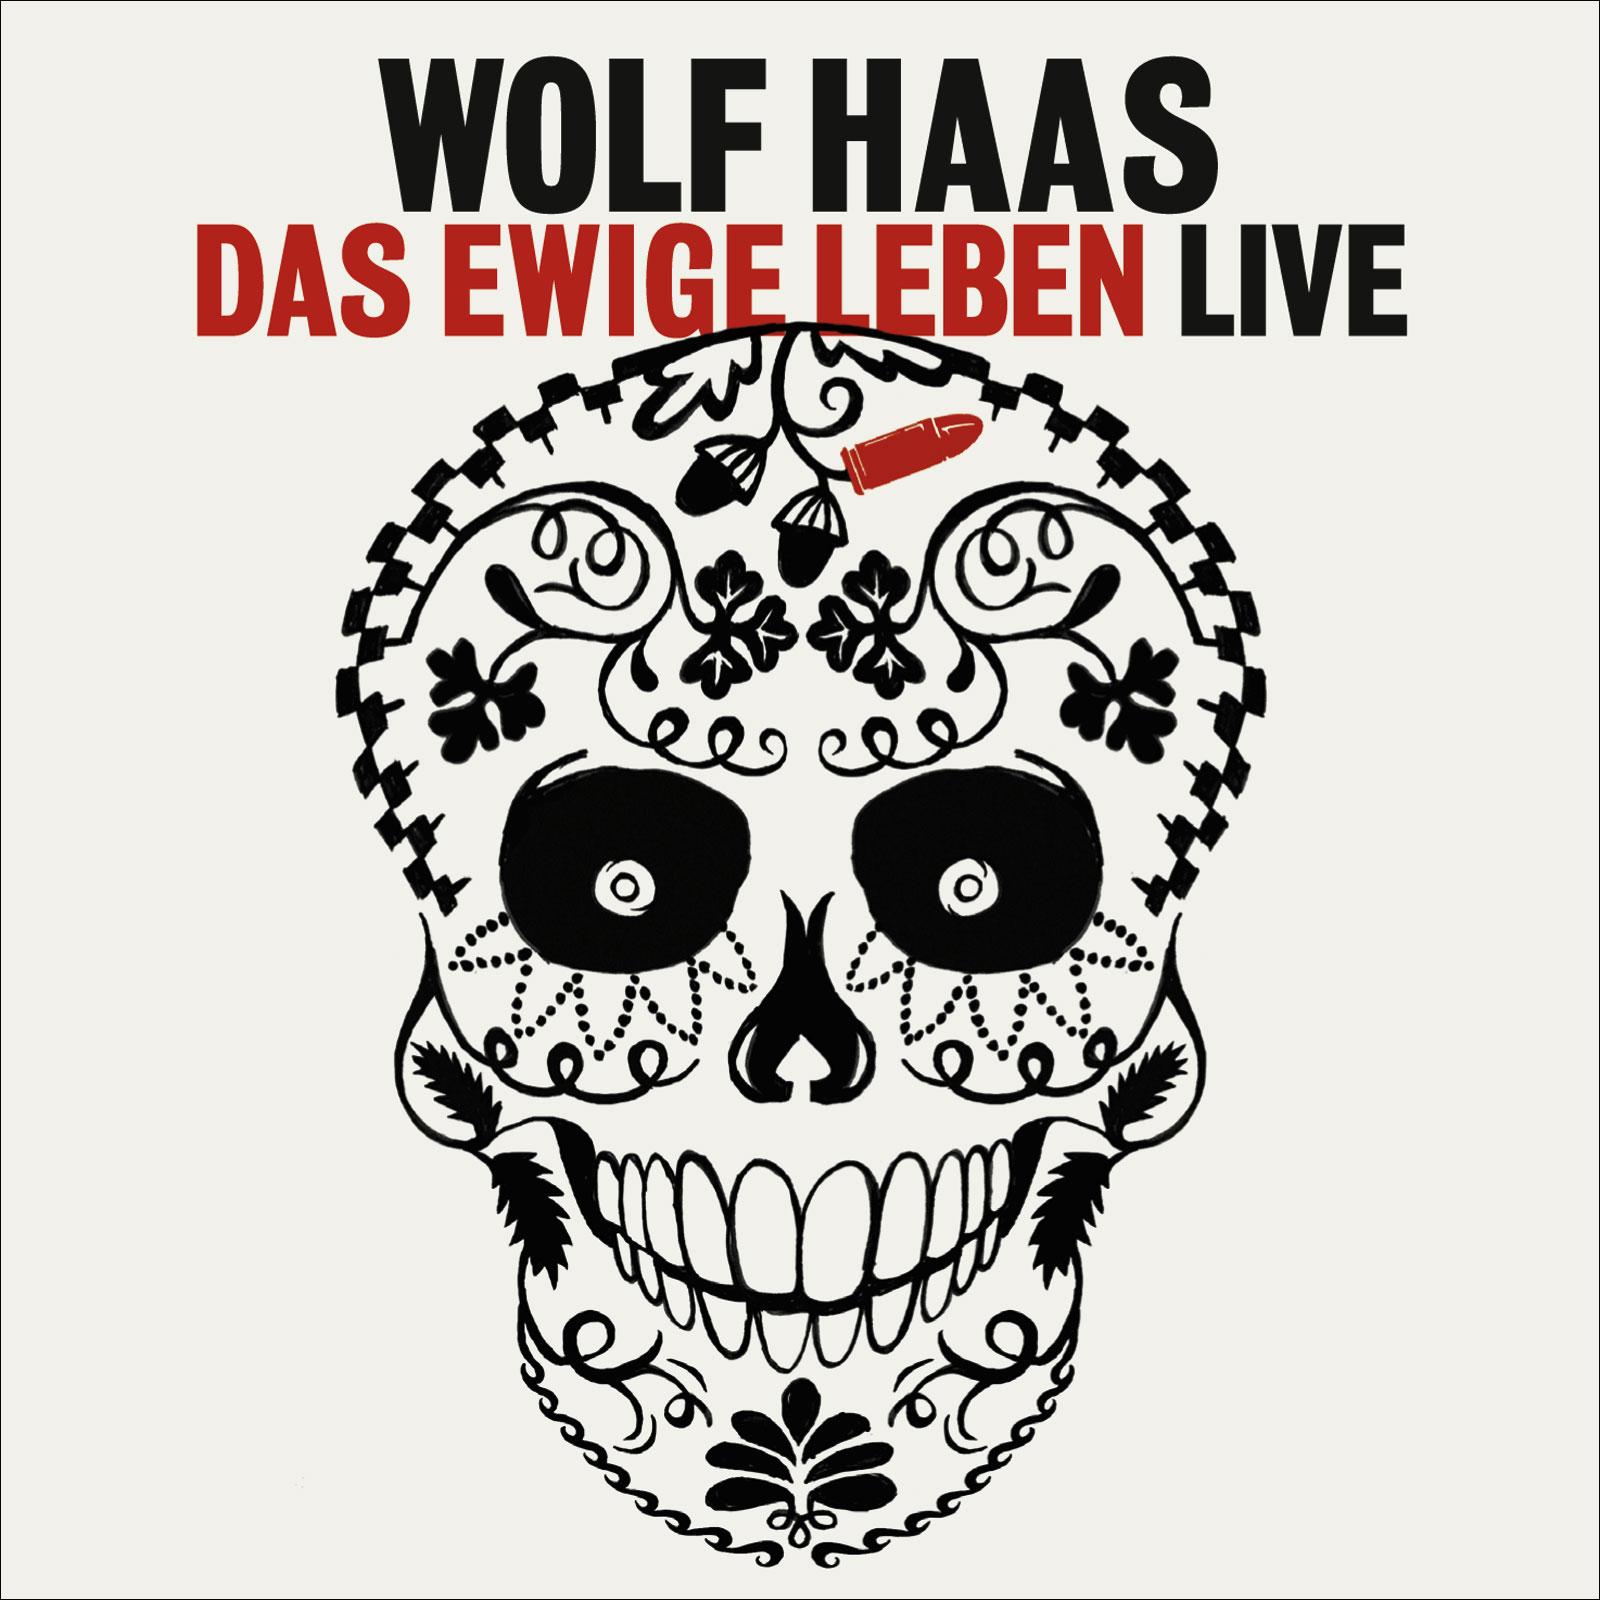 Das ewige Leben: Live - Wolf Haas